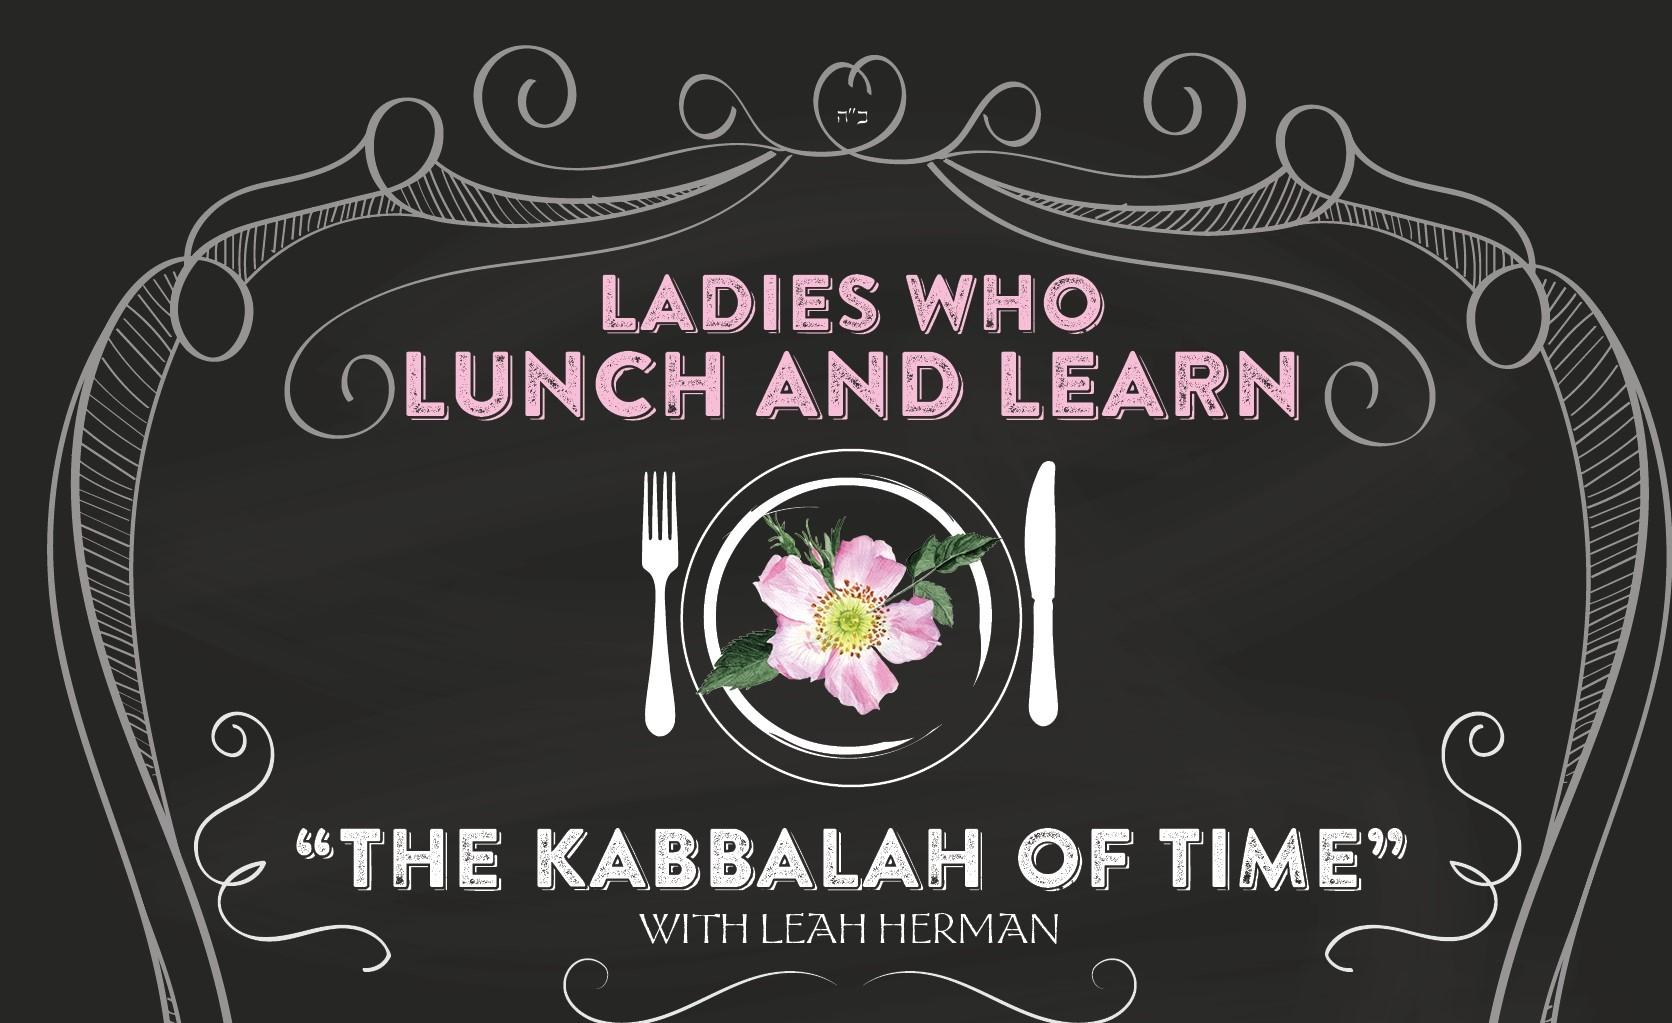 LadiesLunch&learn (2).jpg